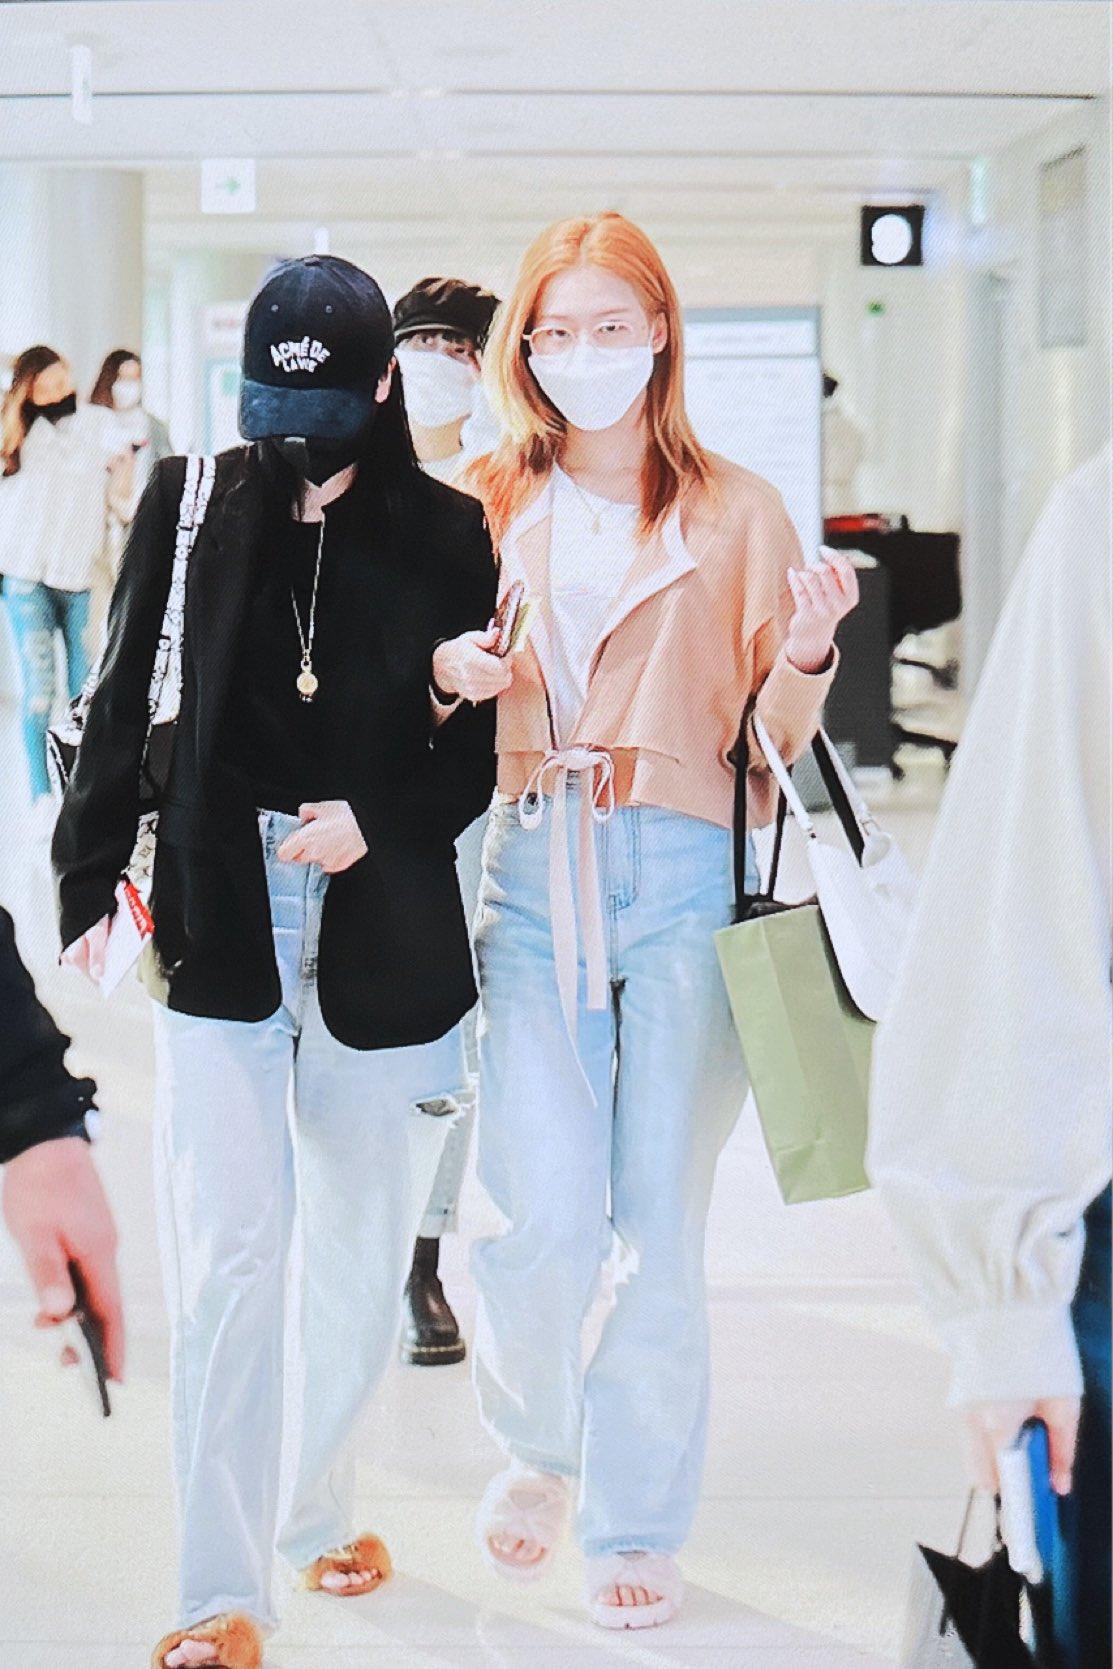 """4 nàng visual của Twice nổi bần bật khi diện cả tá đồ hiệu nhưng đôi dép lông """"bô nhếch"""" mới chiếm spotlight - Ảnh 4."""